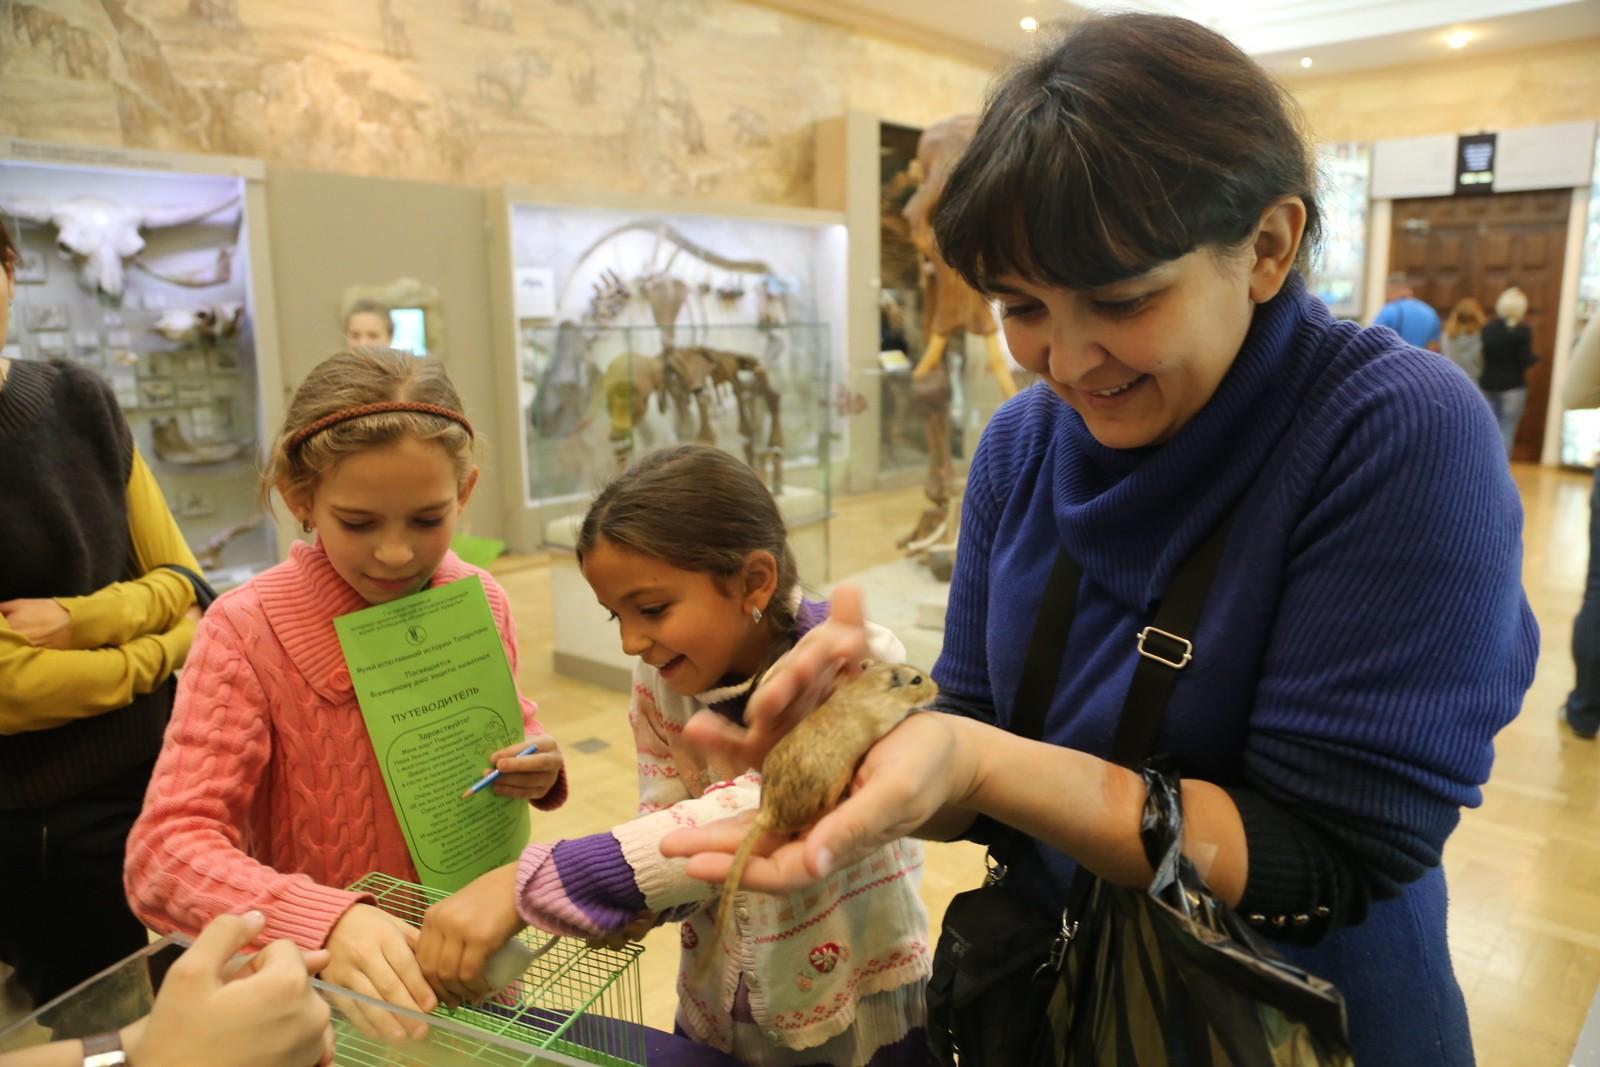 Музей естественной истории Татарстана, зал «Мир млекопитающих»